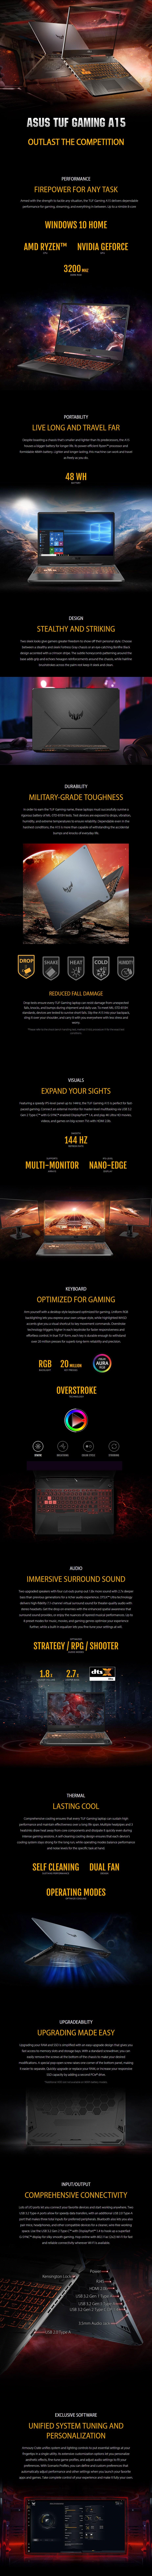 asus-tuf-gaming-a15-156-144hz-gaming-laptopaf-r54600h-8gb-512gb-gtx1650ti-w10h-ac33447-11.jpg